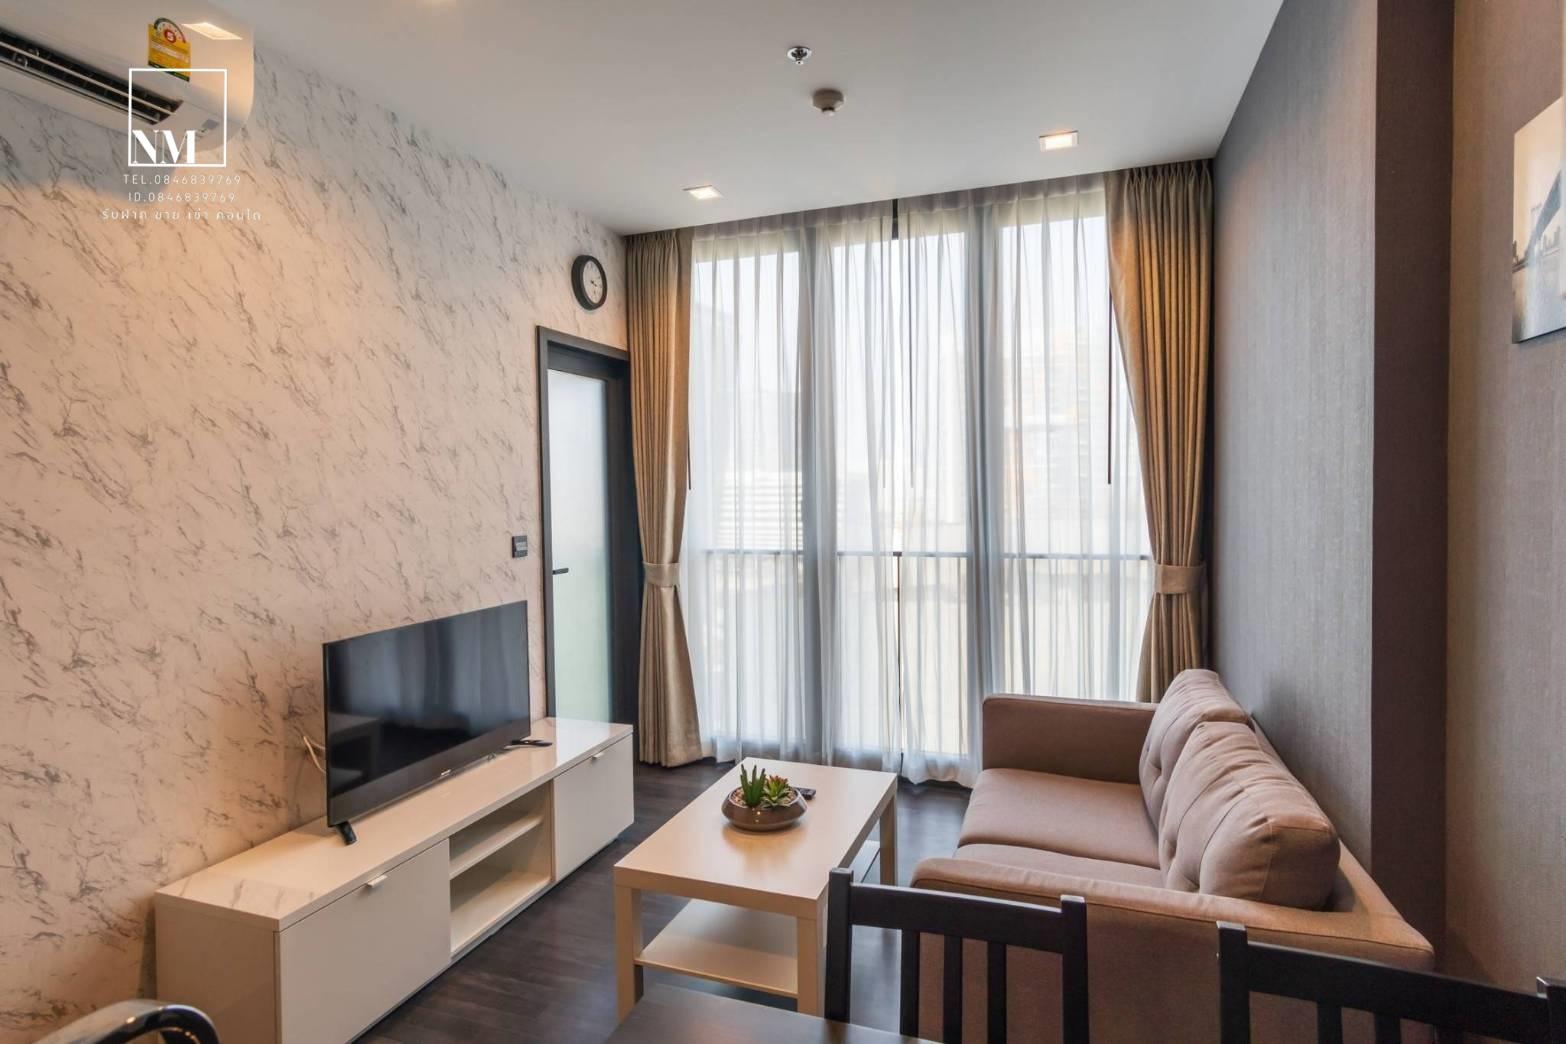 เช่าคอนโดพระราม 9 เพชรบุรีตัดใหม่ : ให้เช่าคอนโด เดอะ ไลน์ อโศก-รัชดา พร้อมเข้าอยู่ + เฟอร์นิเจอร์ครบ For rent The Line Asoke - Ratchada near MRT Rama 9  ใกล้ Mrt พระราม 9 ใกล้ห้าง ฟอร์จูน,เซ็นทรัลพระราม 9